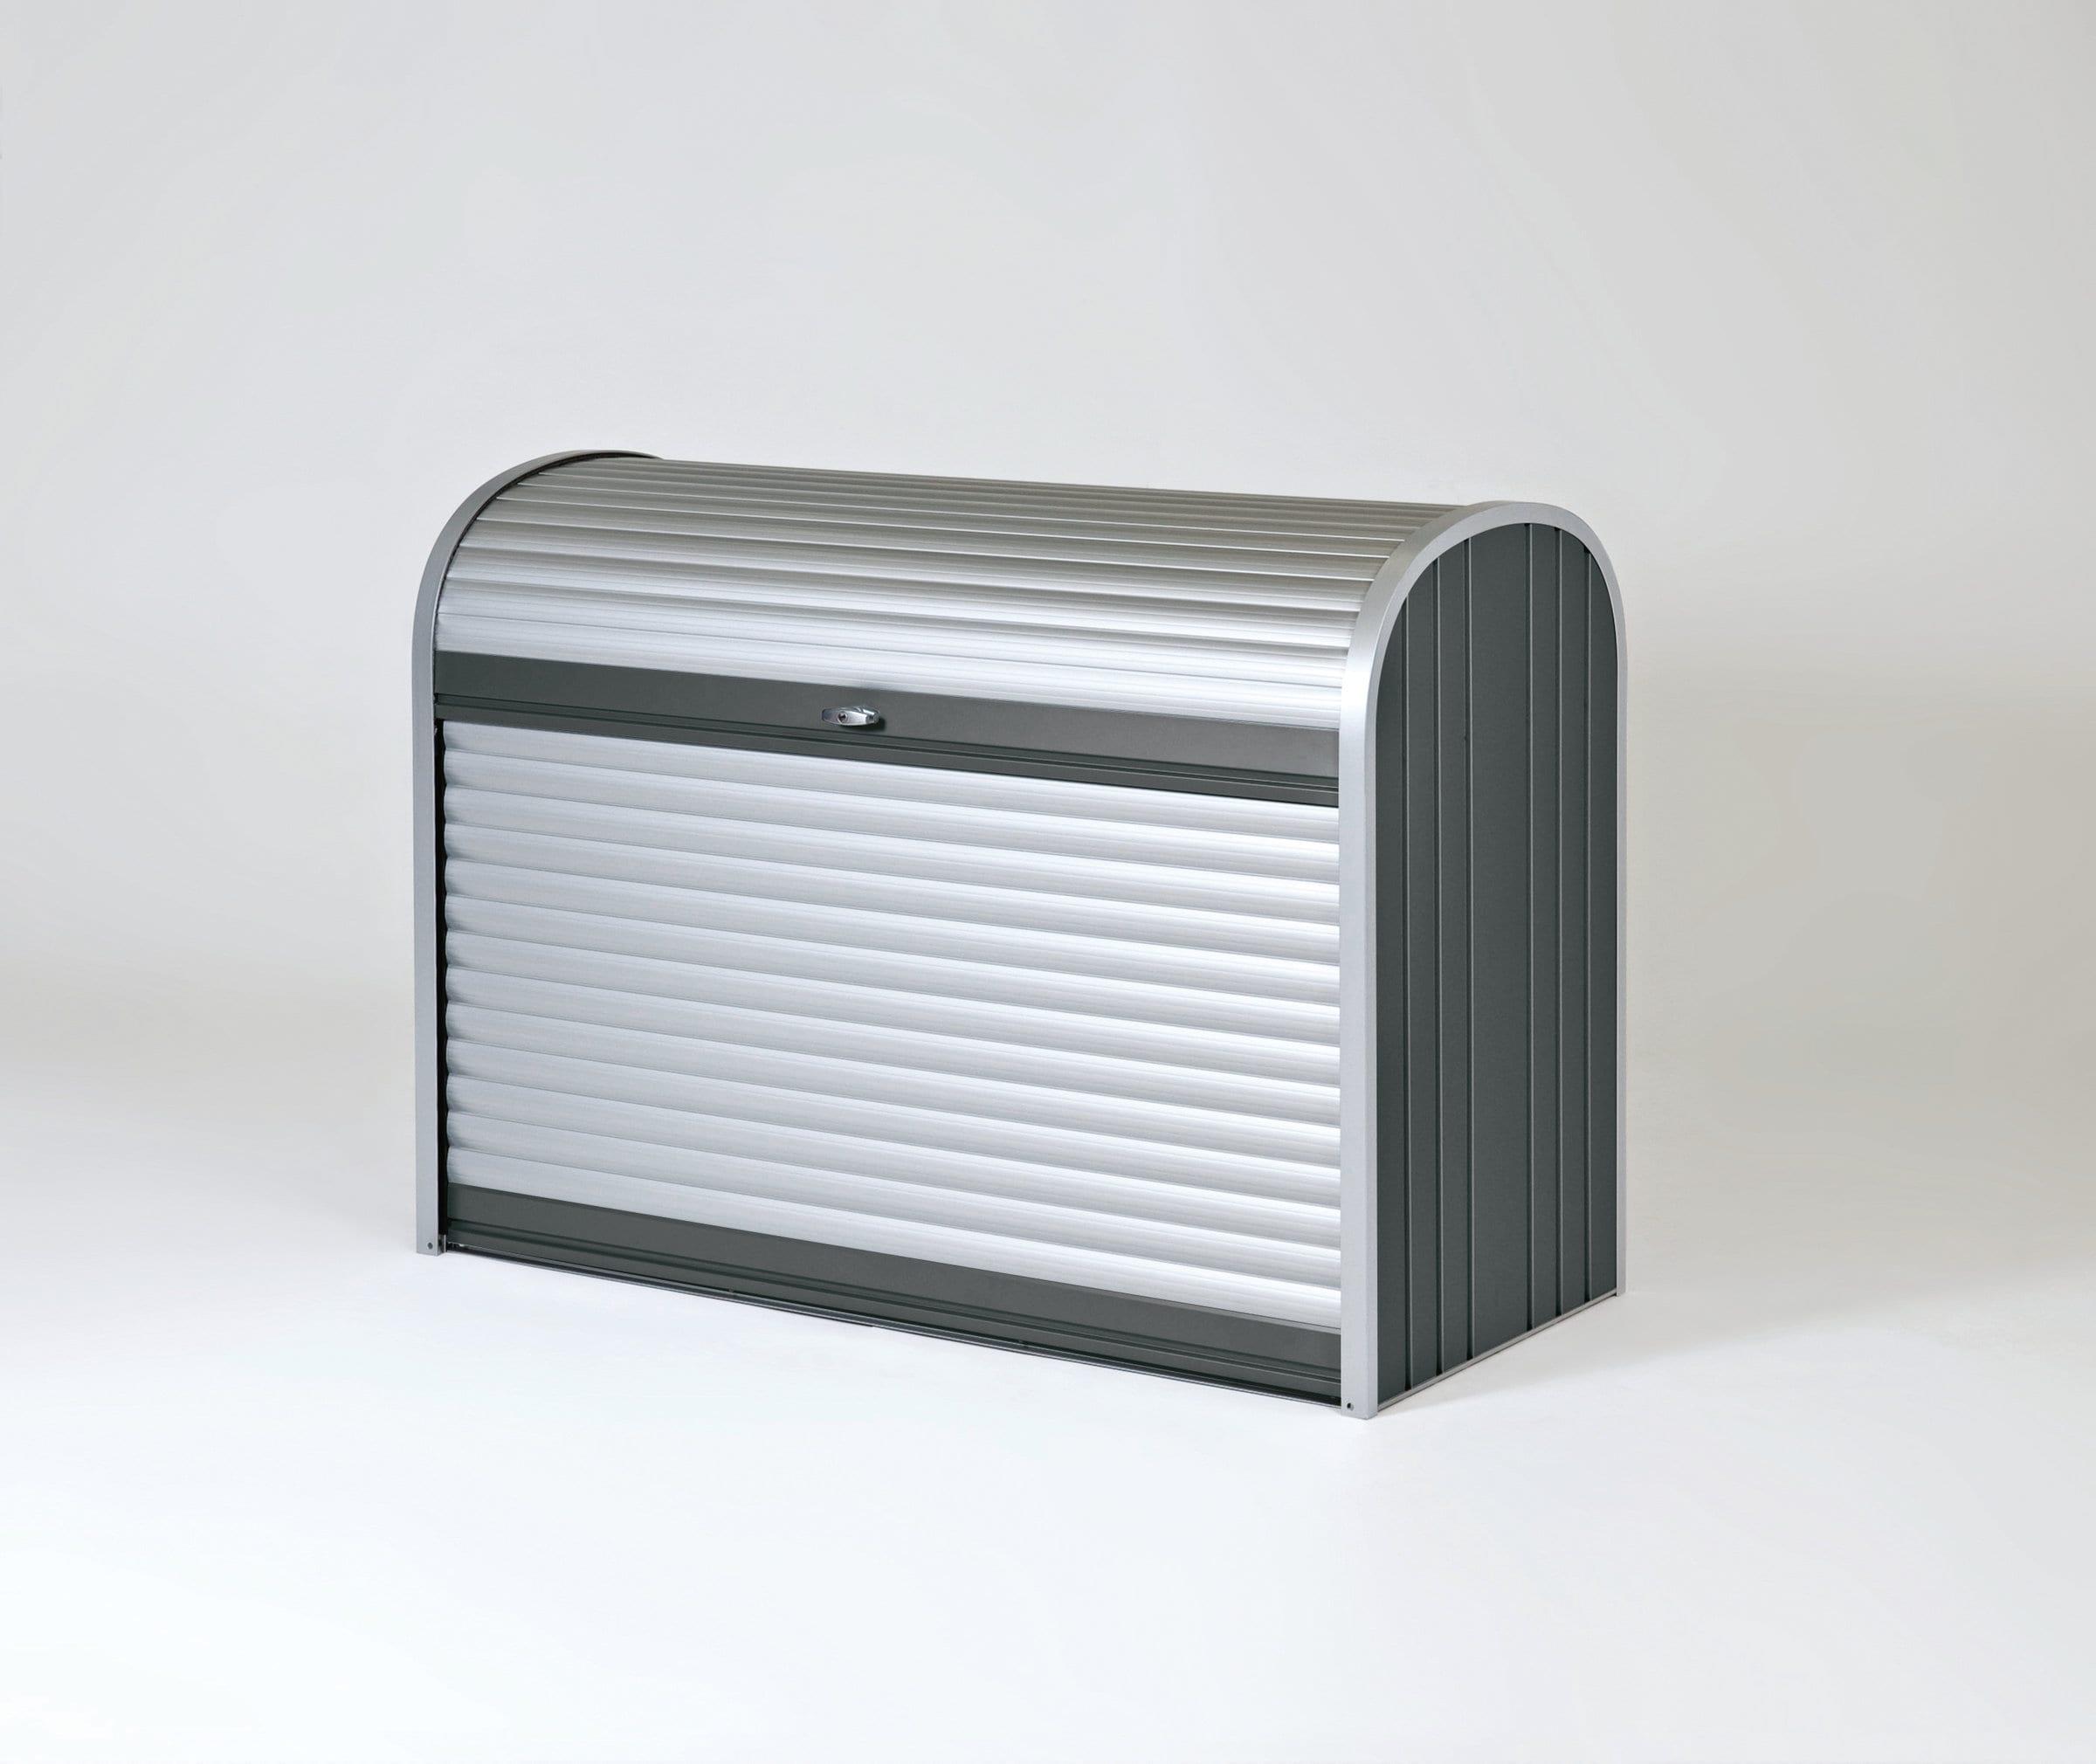 biohort ger teschrank storemax 190 migros. Black Bedroom Furniture Sets. Home Design Ideas